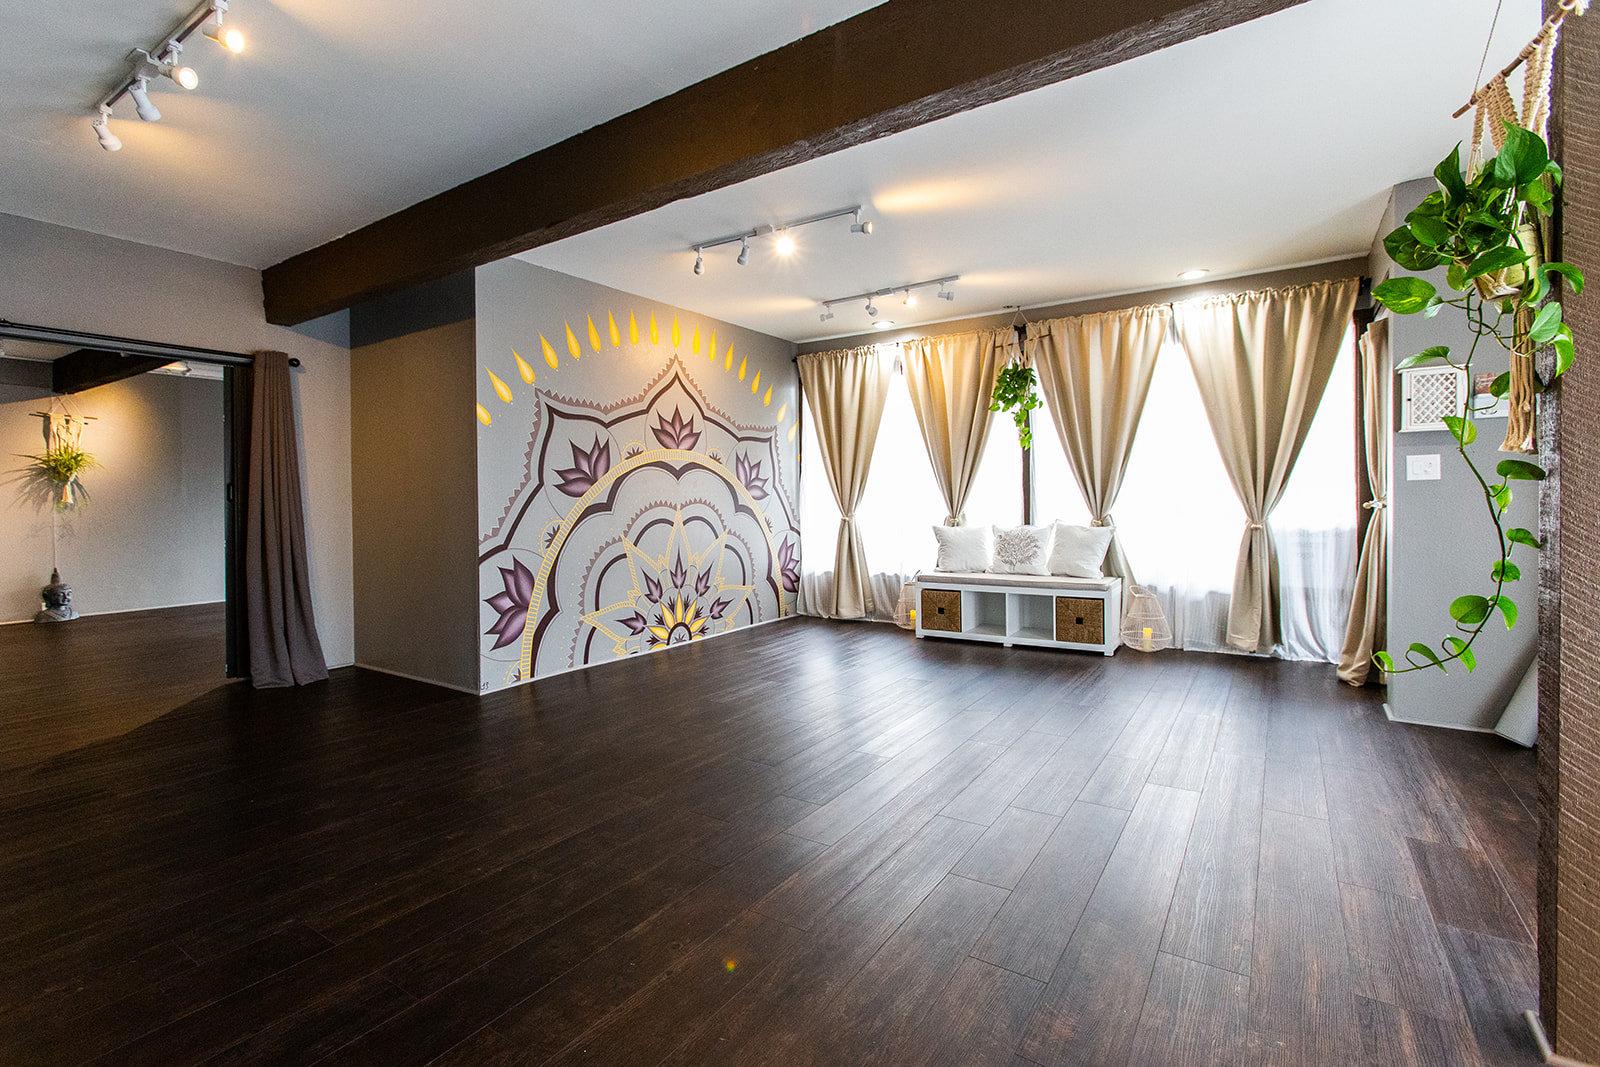 Sun Room Rental Nights/Weekends per hour